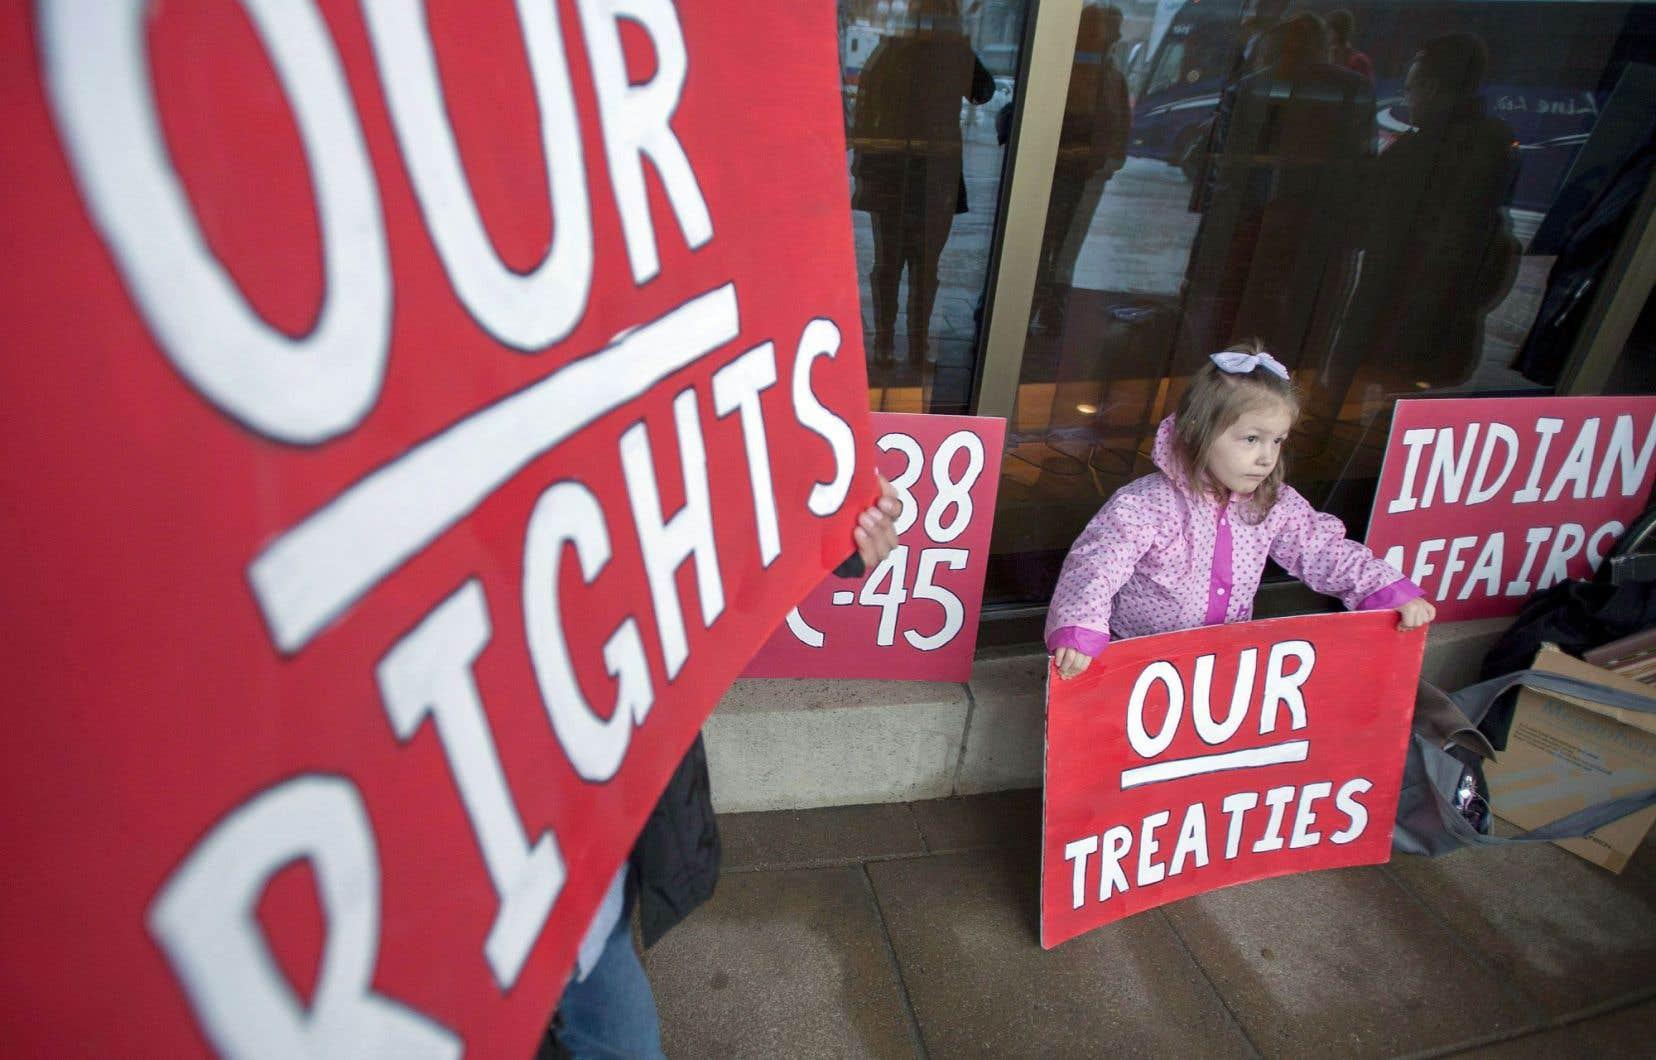 «Les gouvernements [doivent] consulte[r] les peuples autochtones avant de prendre des mesures susceptibles d'affecter leurs droits», rappellent les auteurs.